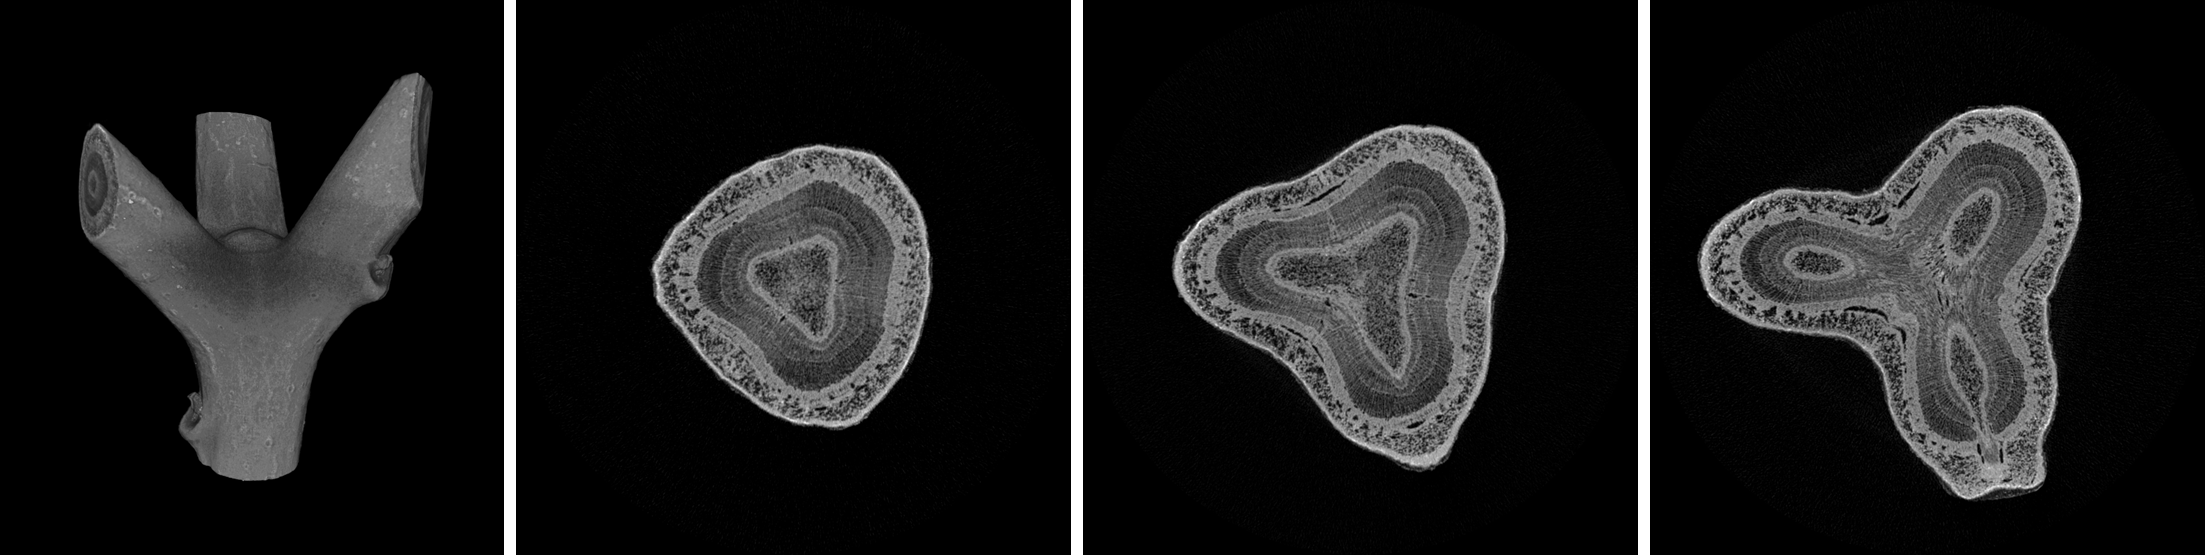 µct aufnahme einer verzweigung von edgeworthia chrysantha